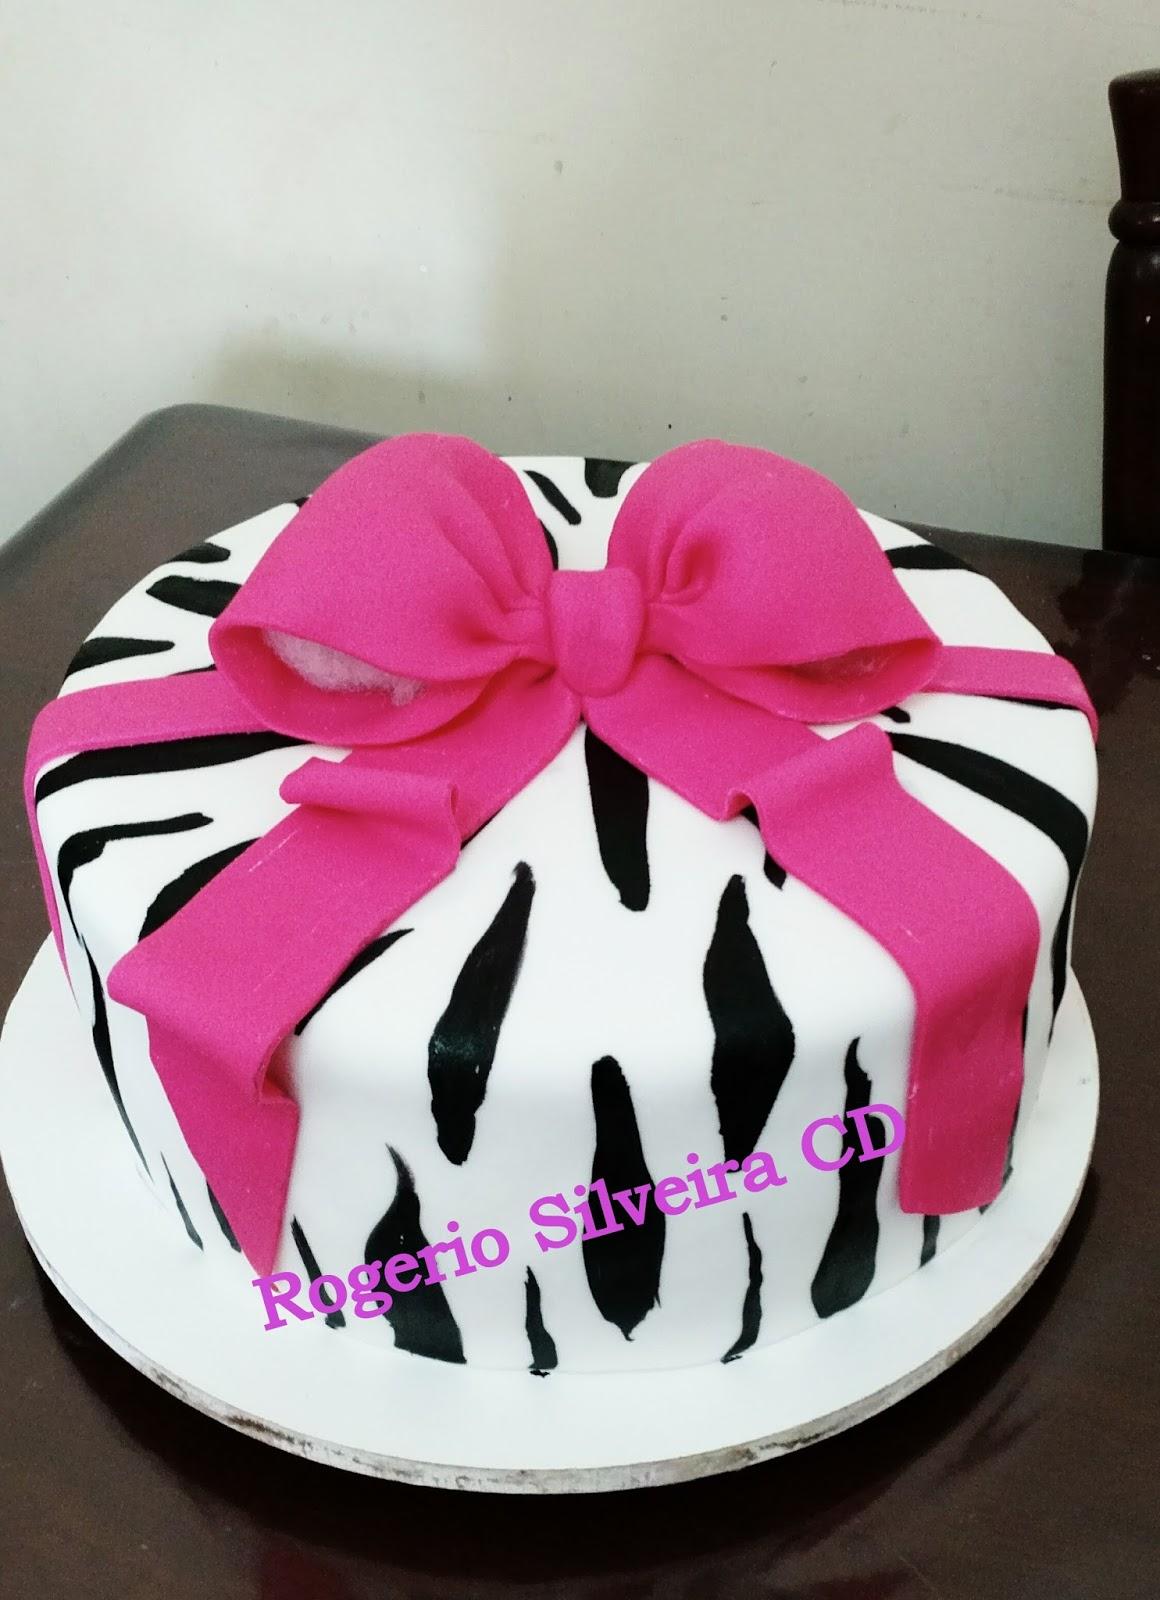 Conhecido Rogerio Cake Designer: Bolo Zebra Laço Rosa KH84